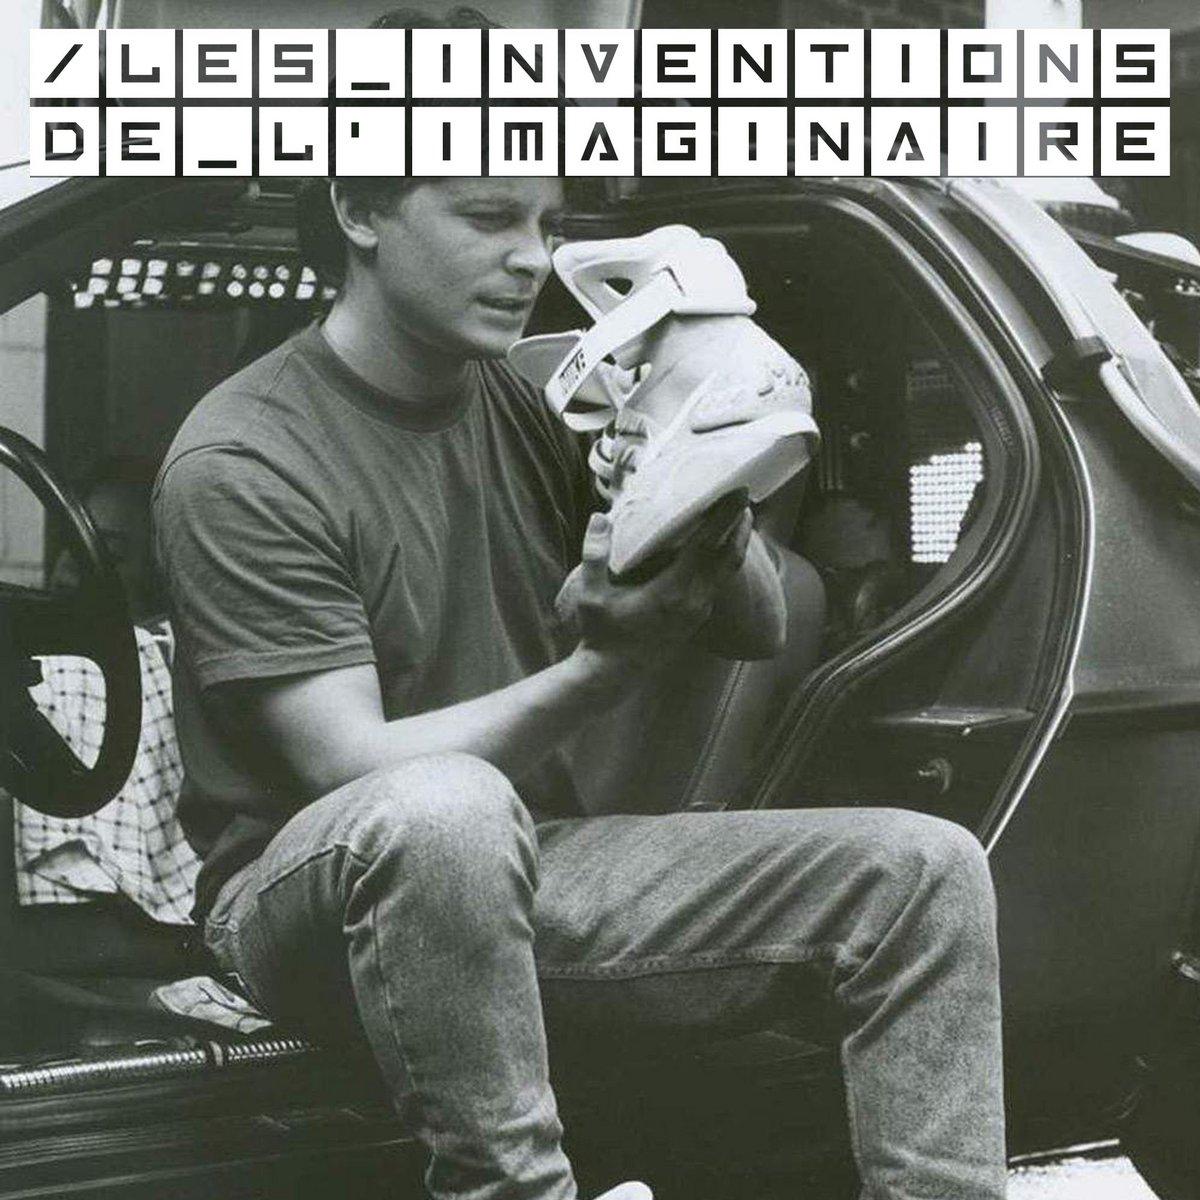 Les inventions de l'imaginaire © Nike x  Amblin x Clubic